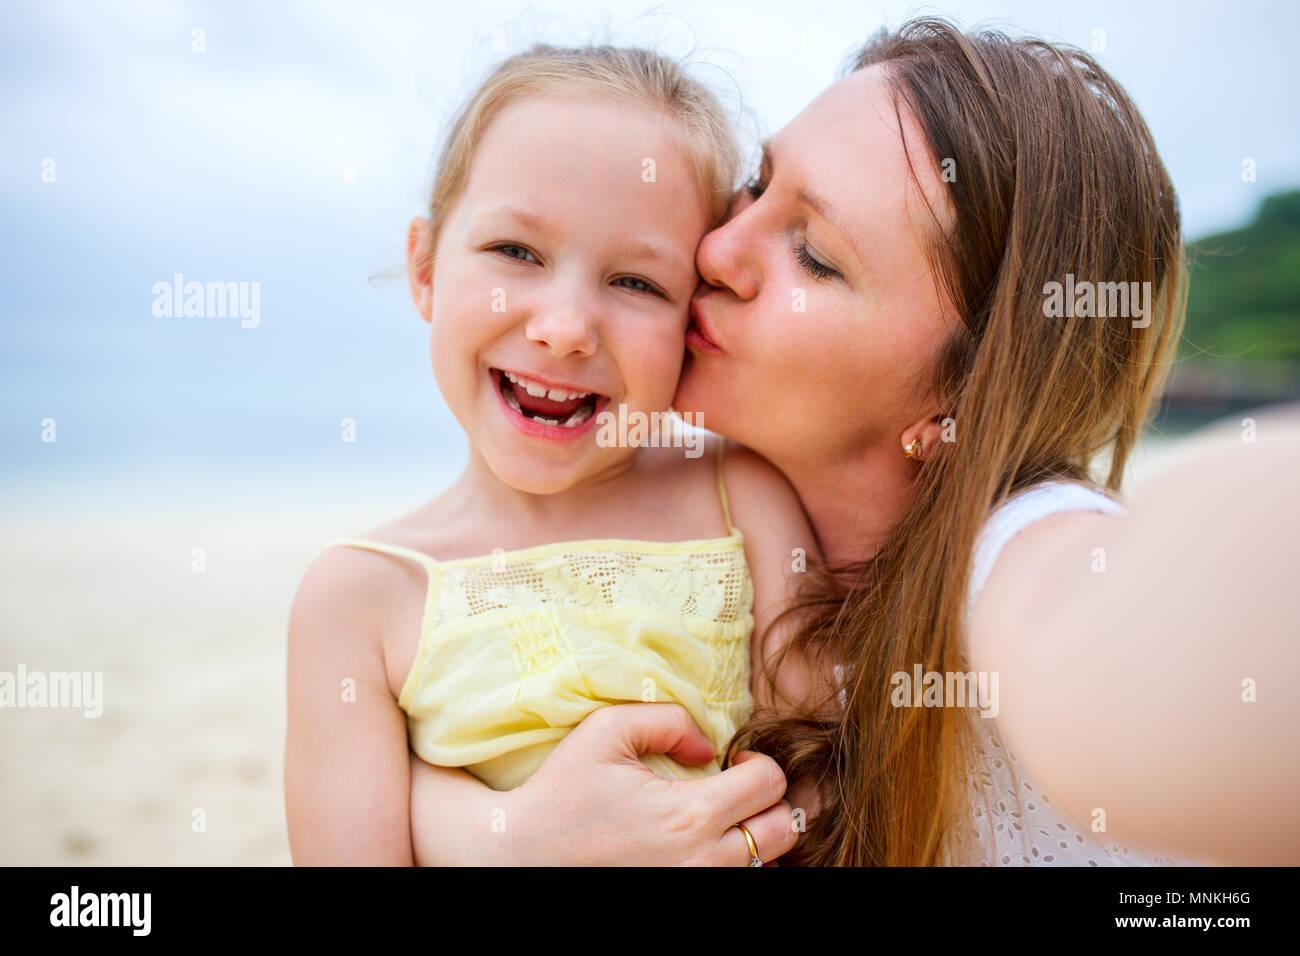 La famiglia felice la madre ed i suoi adorabili poco figlia presso la spiaggia rendendo selfie Immagini Stock